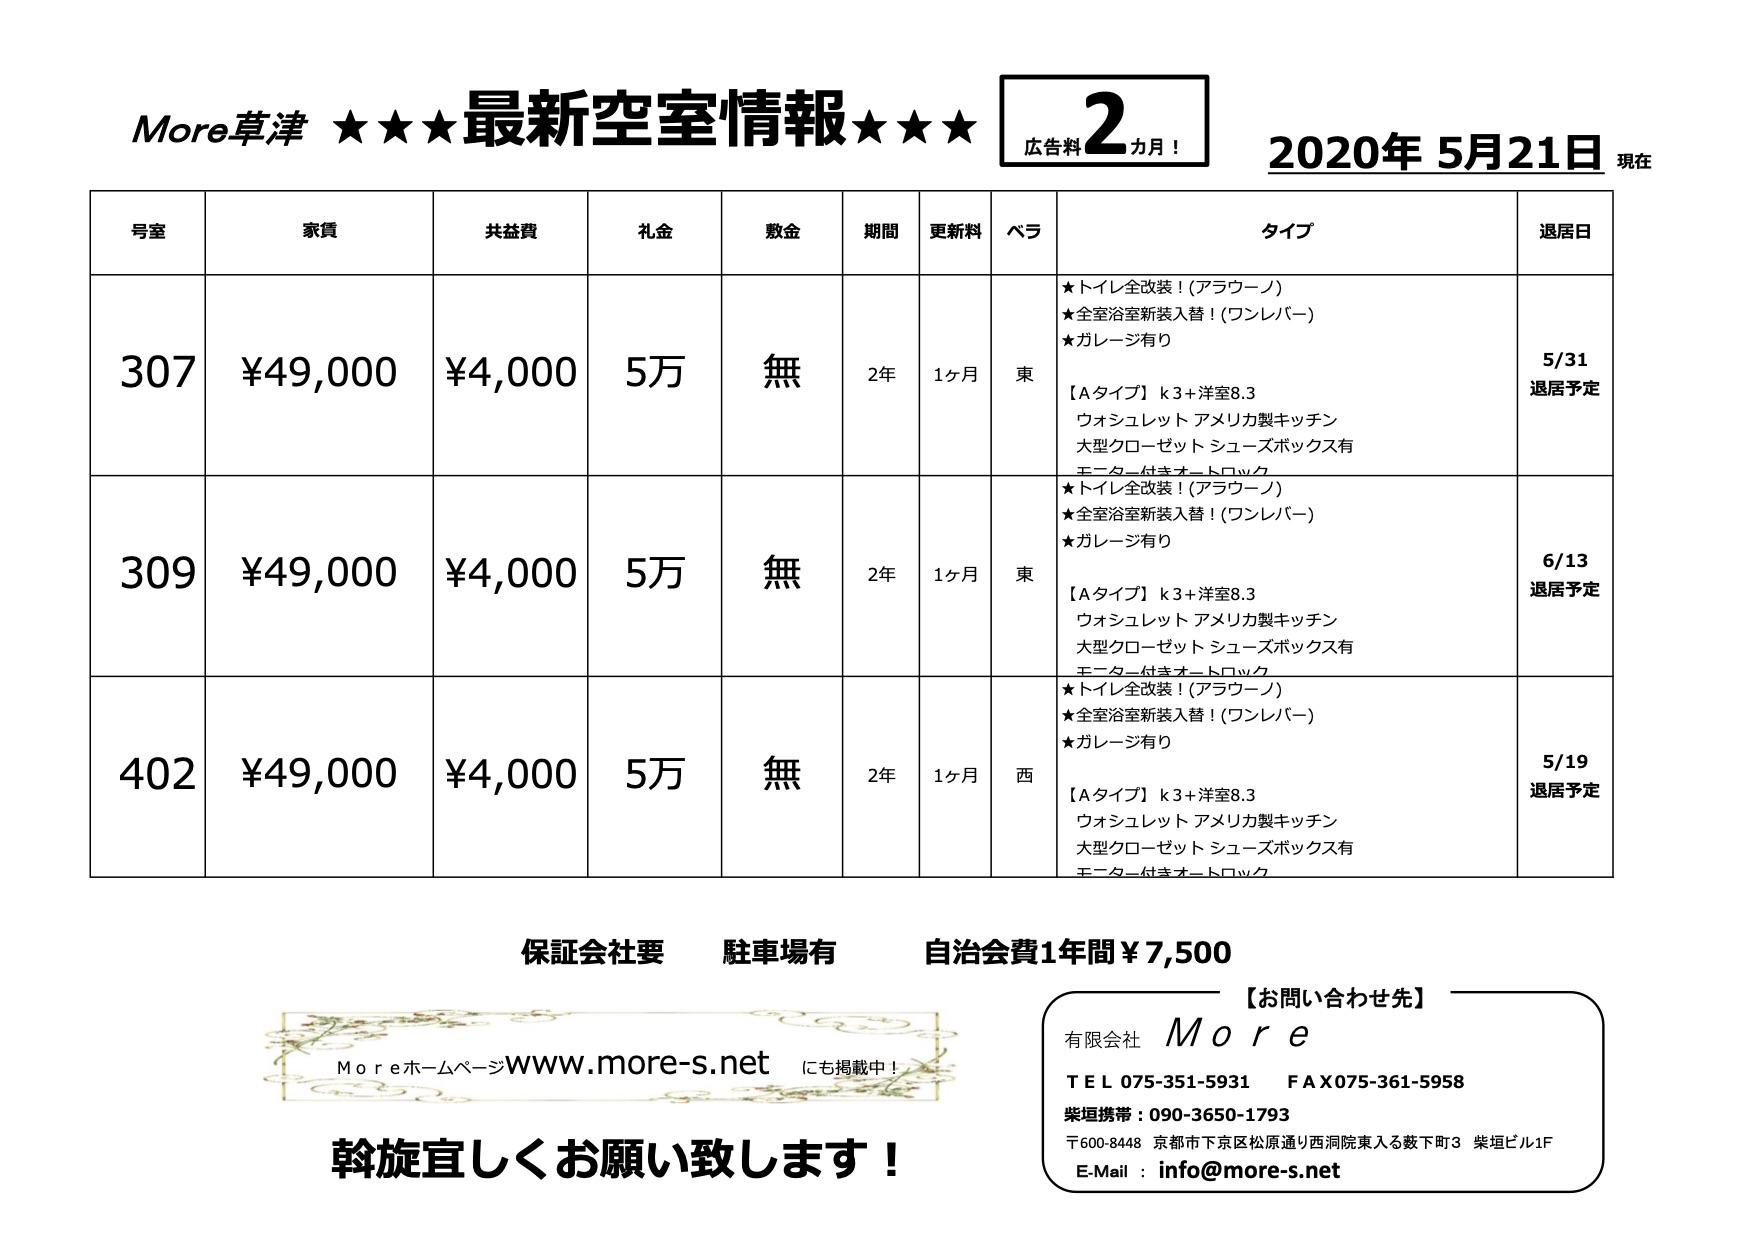 【20200521草津】最新空室情報